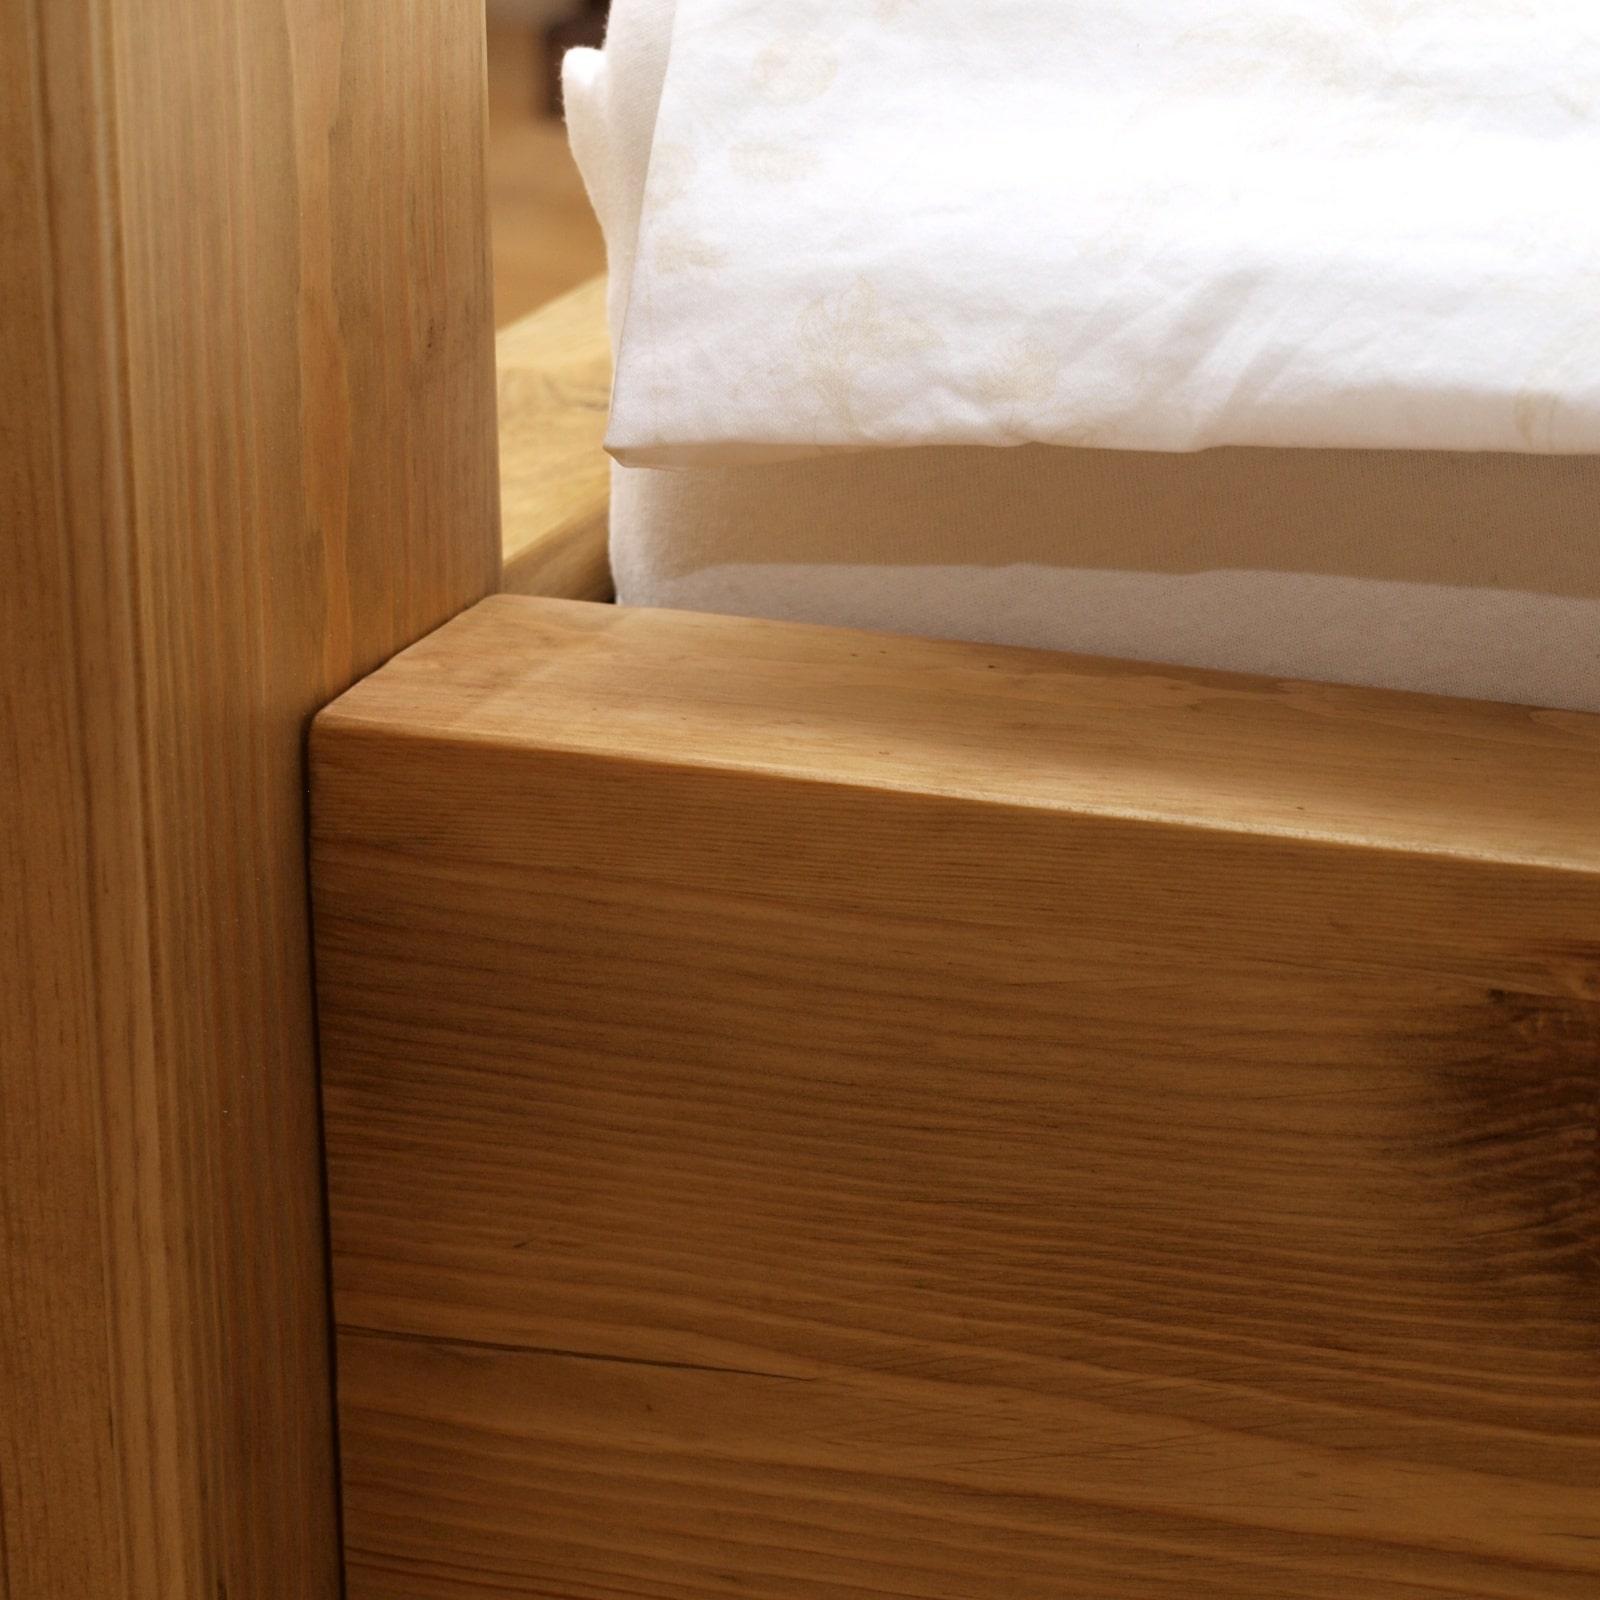 łóżka drewniane ekskluzywne warszawa